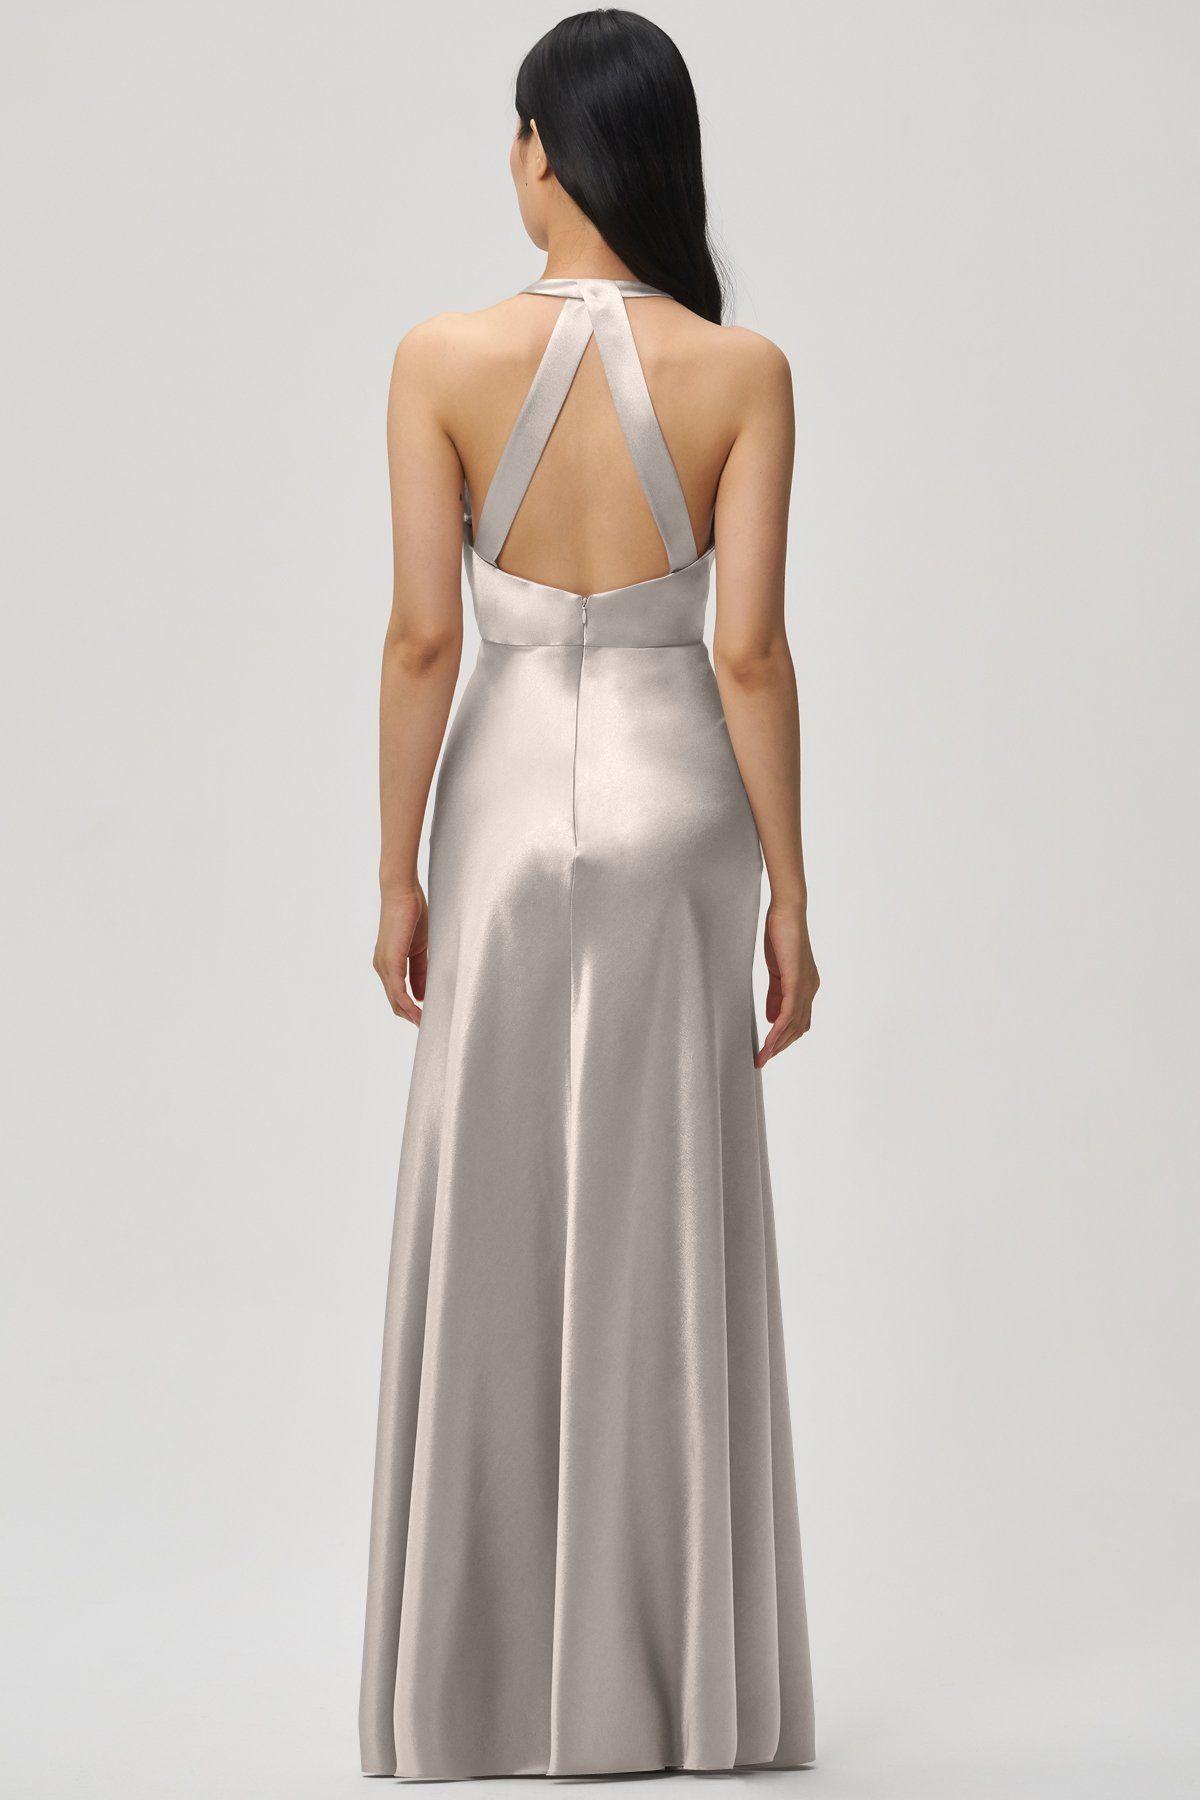 Corinne Bridesmaids Dress by Jenny Yoo - Latte